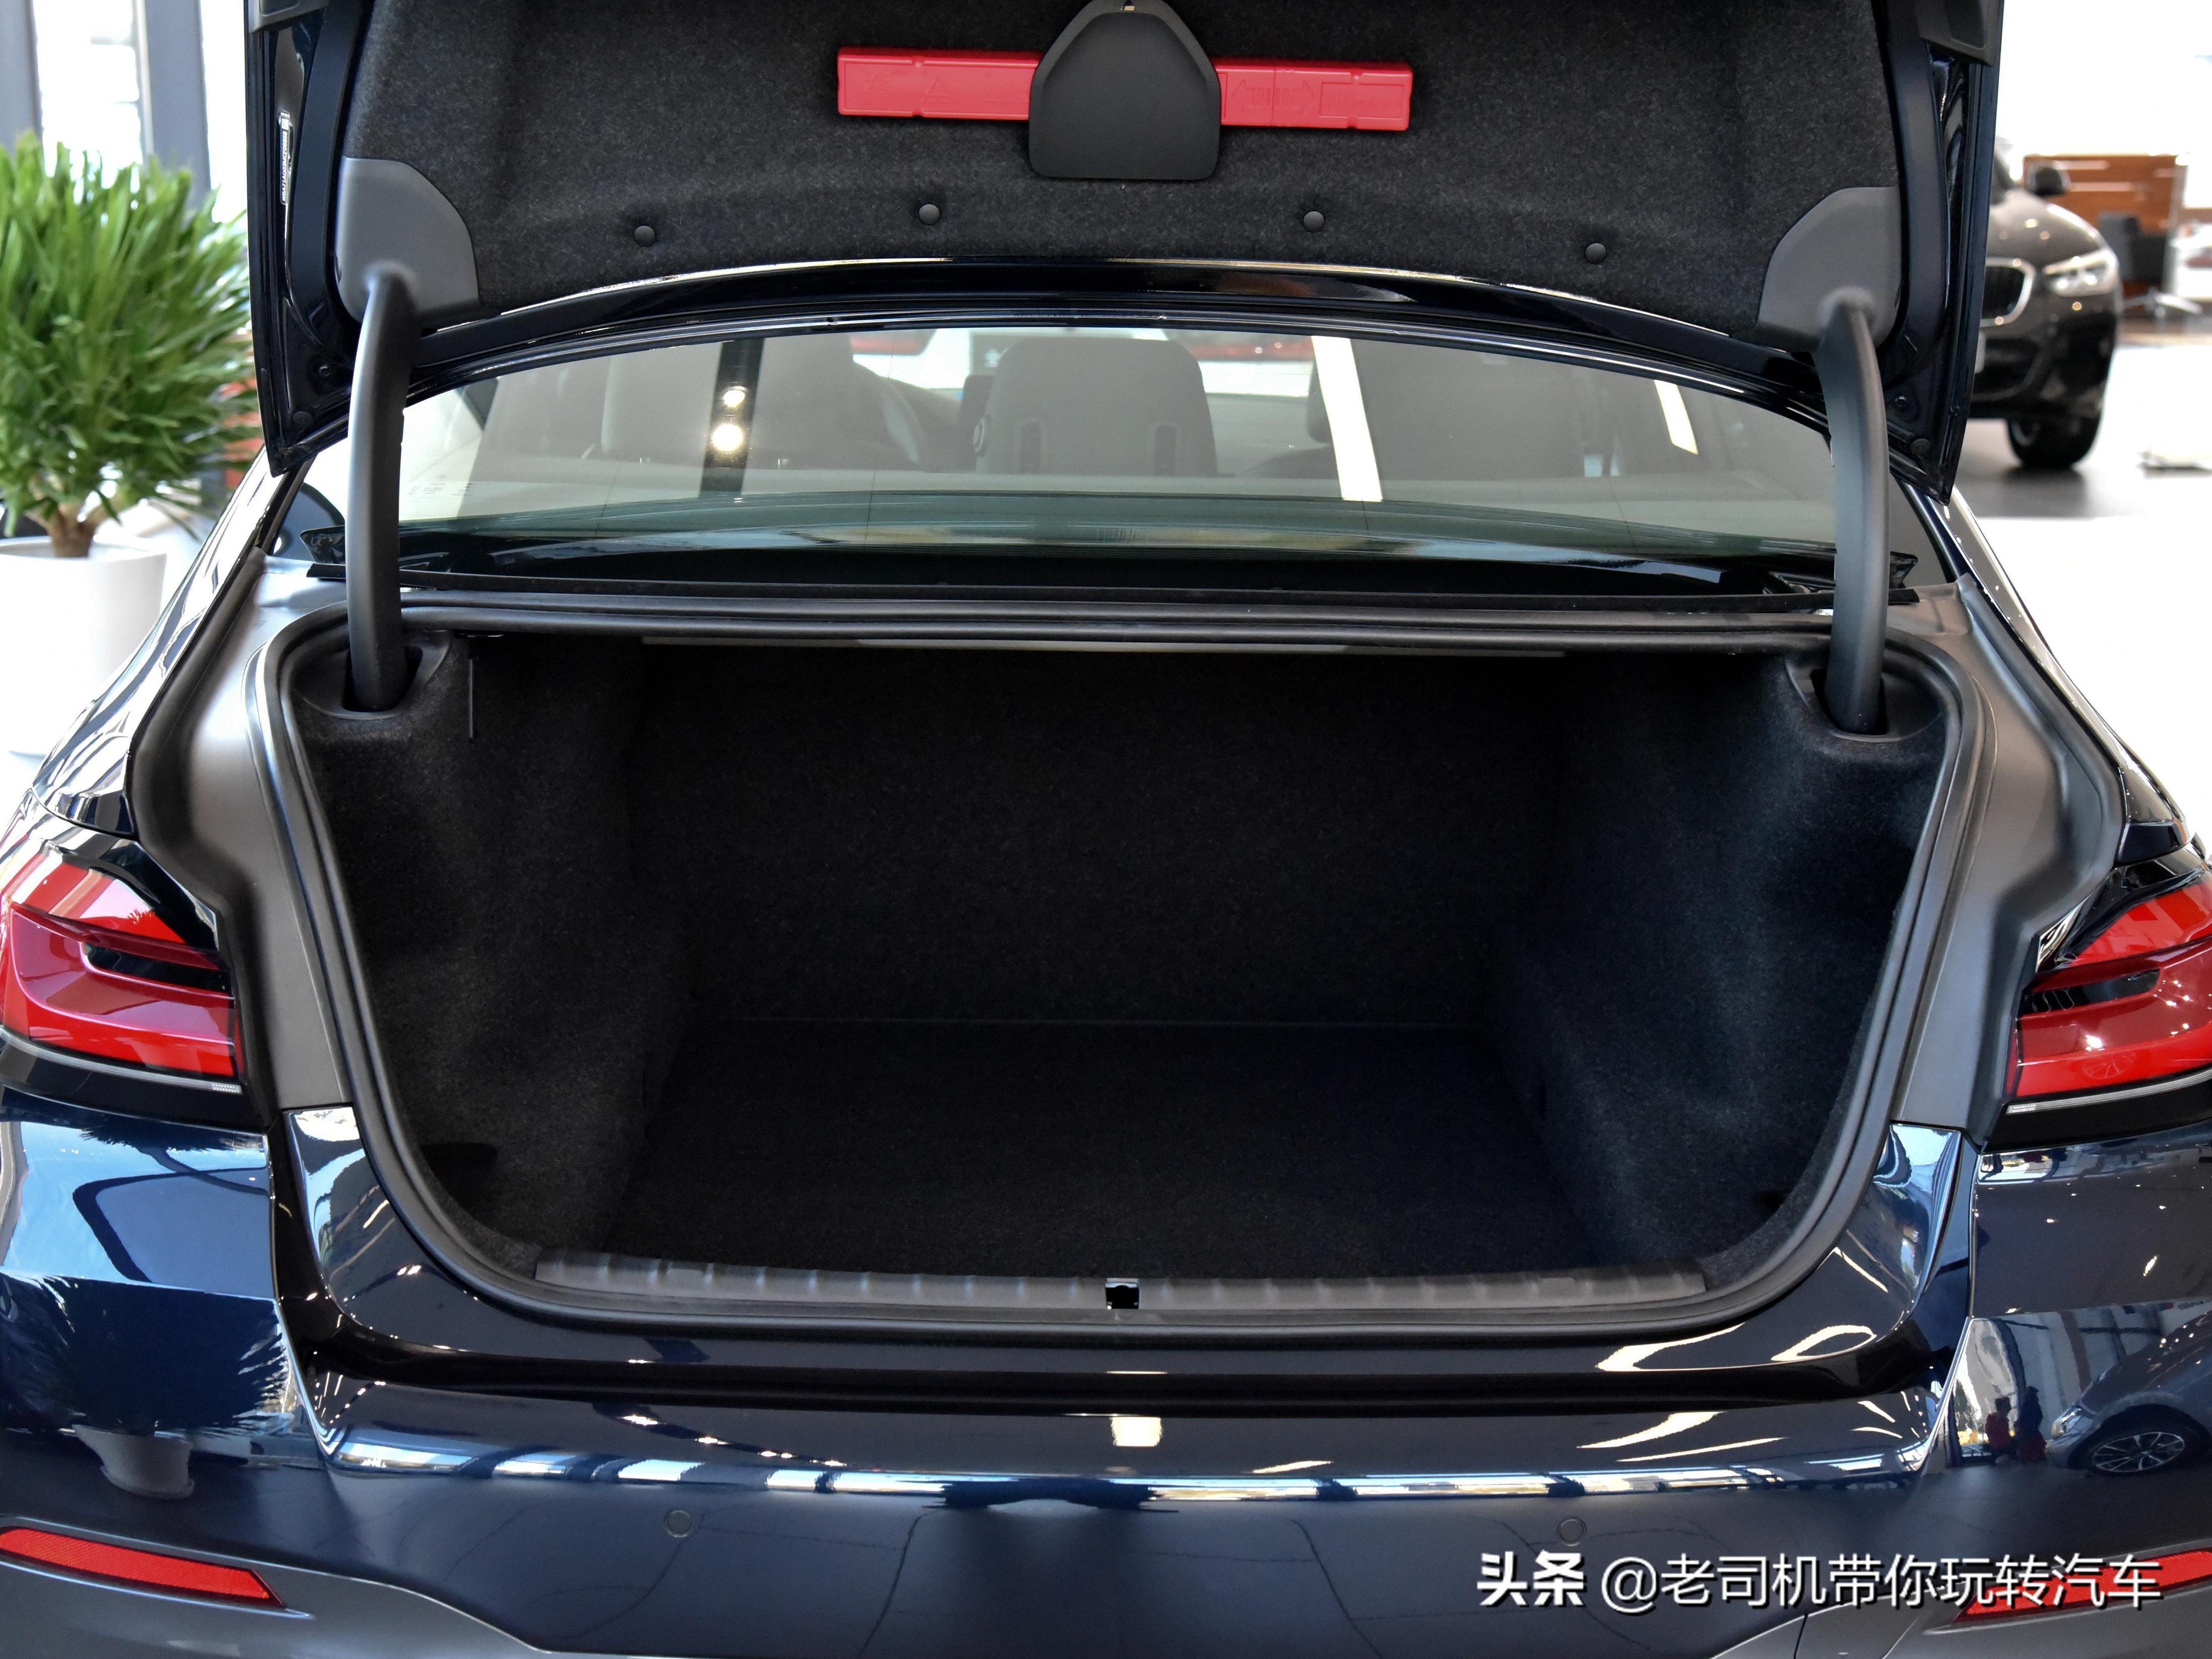 行政级豪华轿车,原装进口高配,2.0T自动挡,带你看进口宝马5系